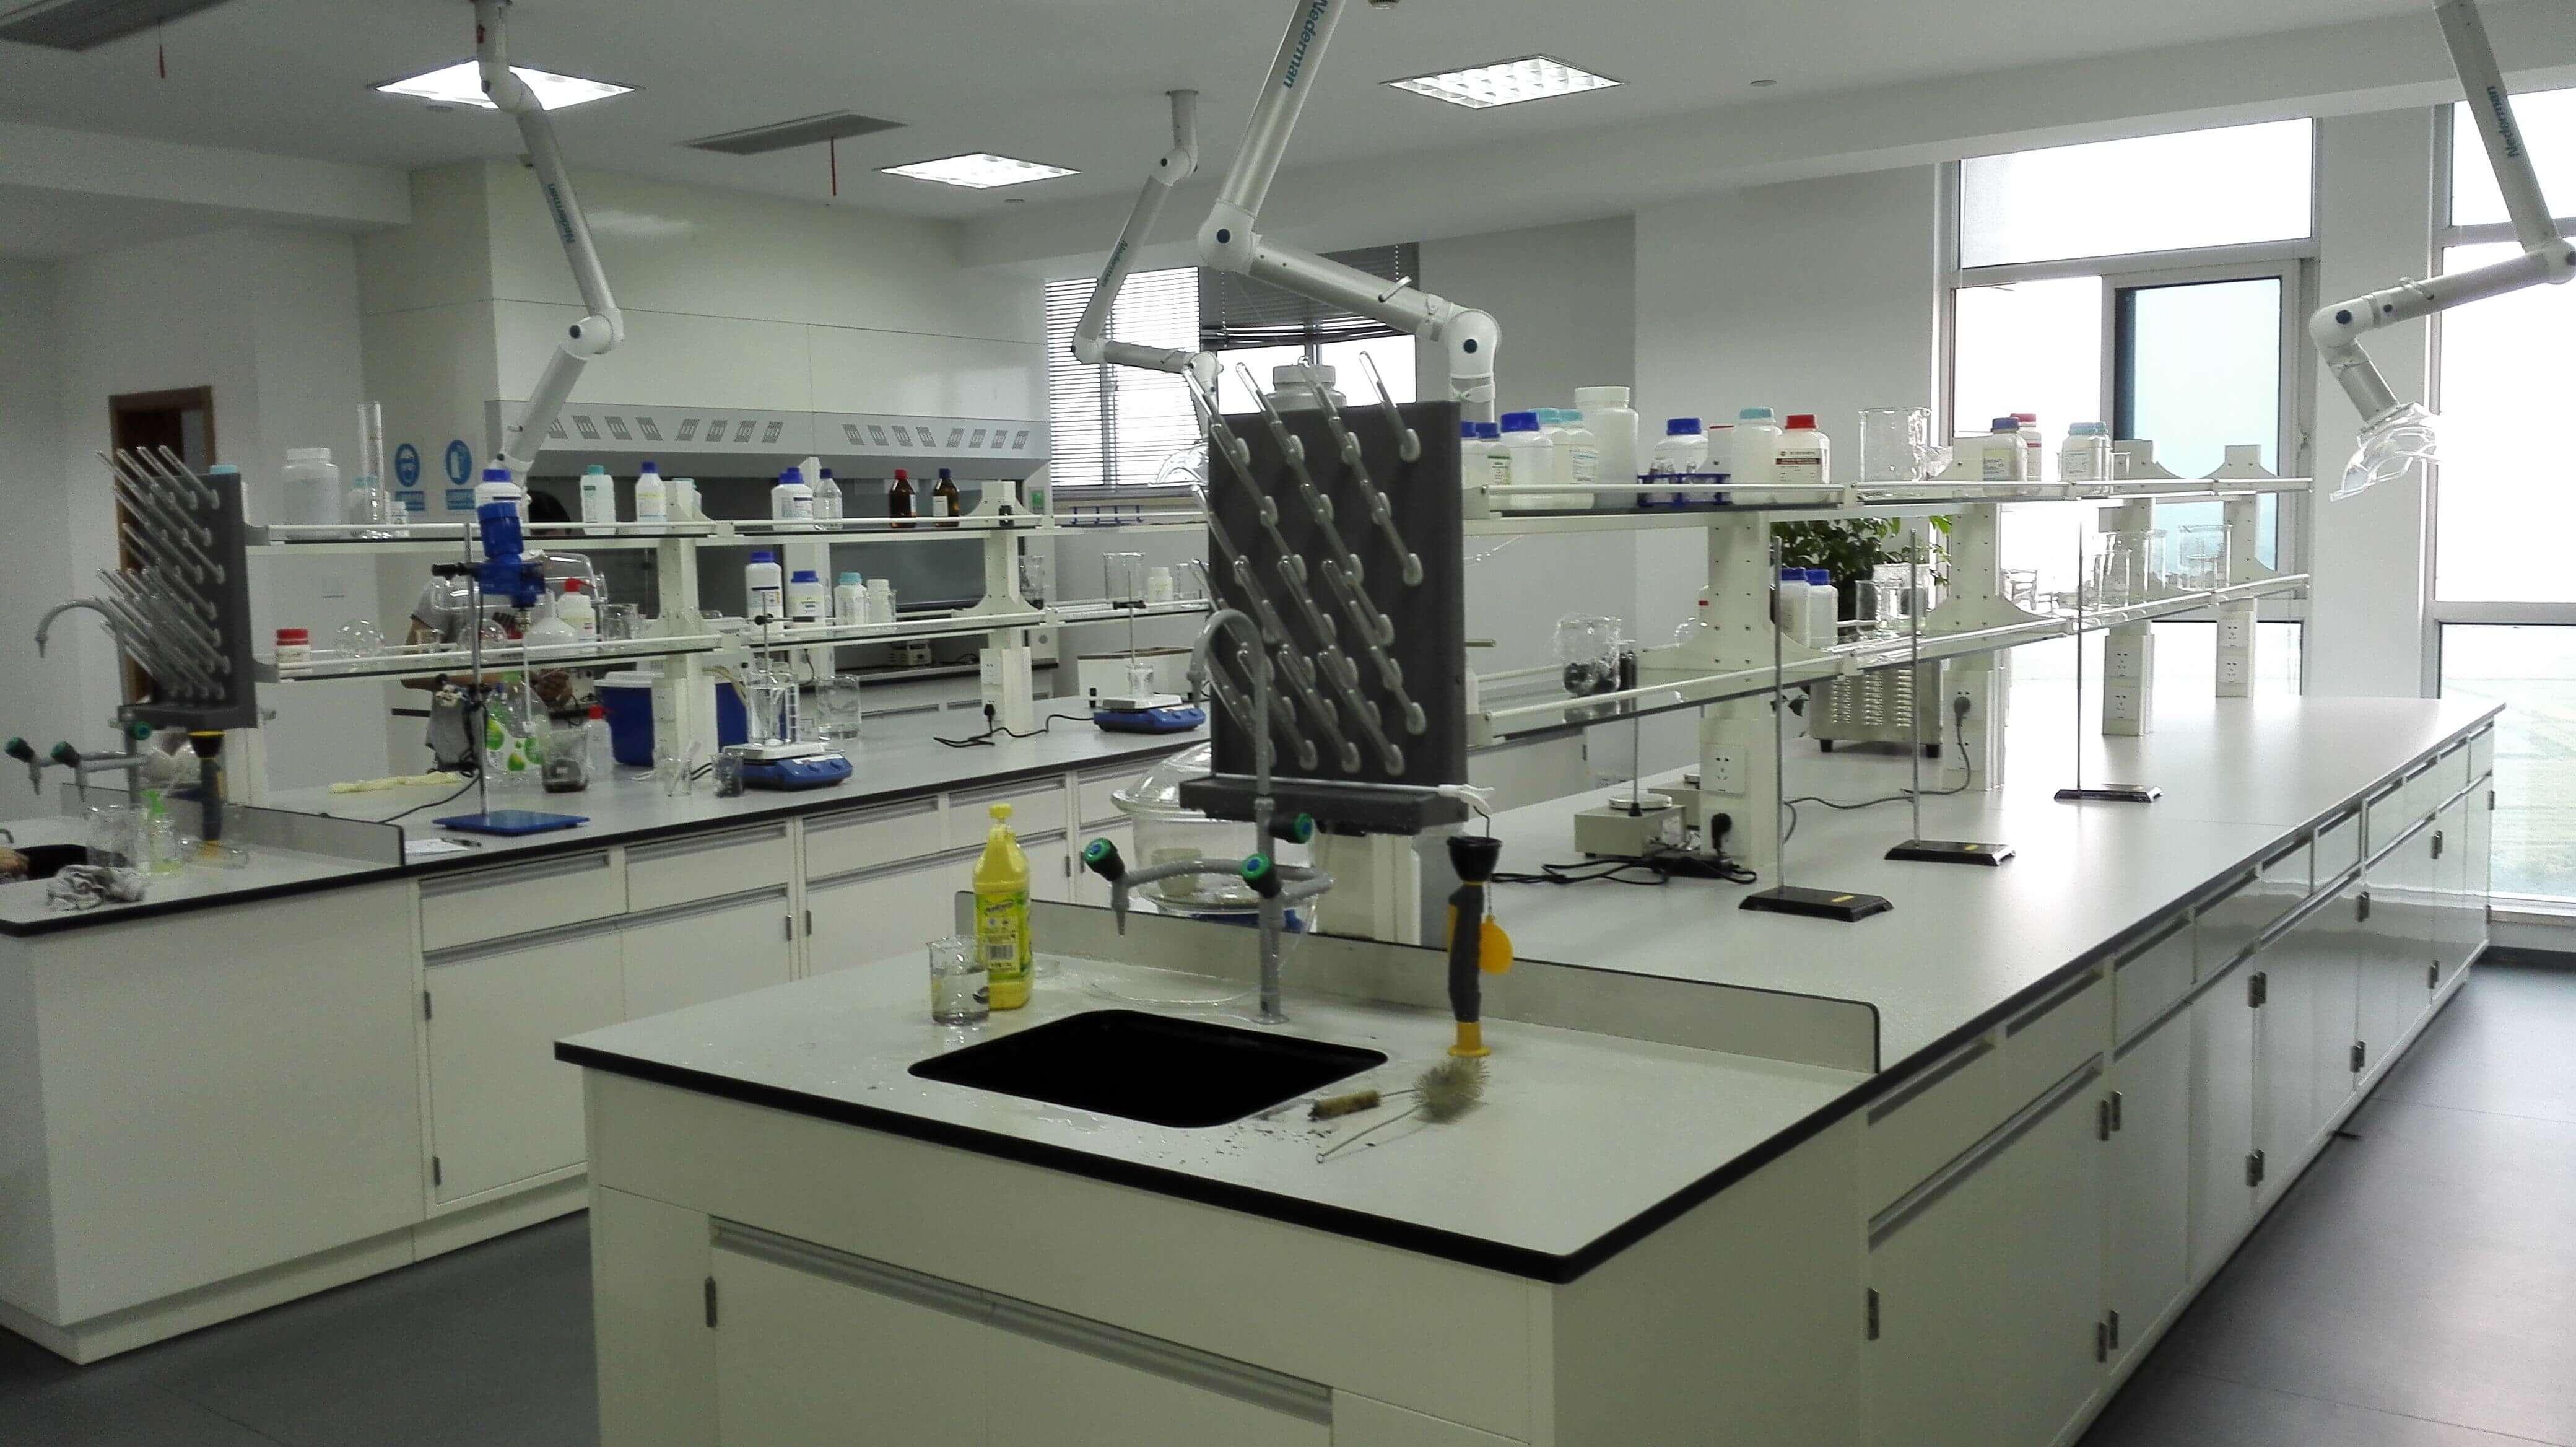 申江不锈钢储气罐在制药厂实验室的应用